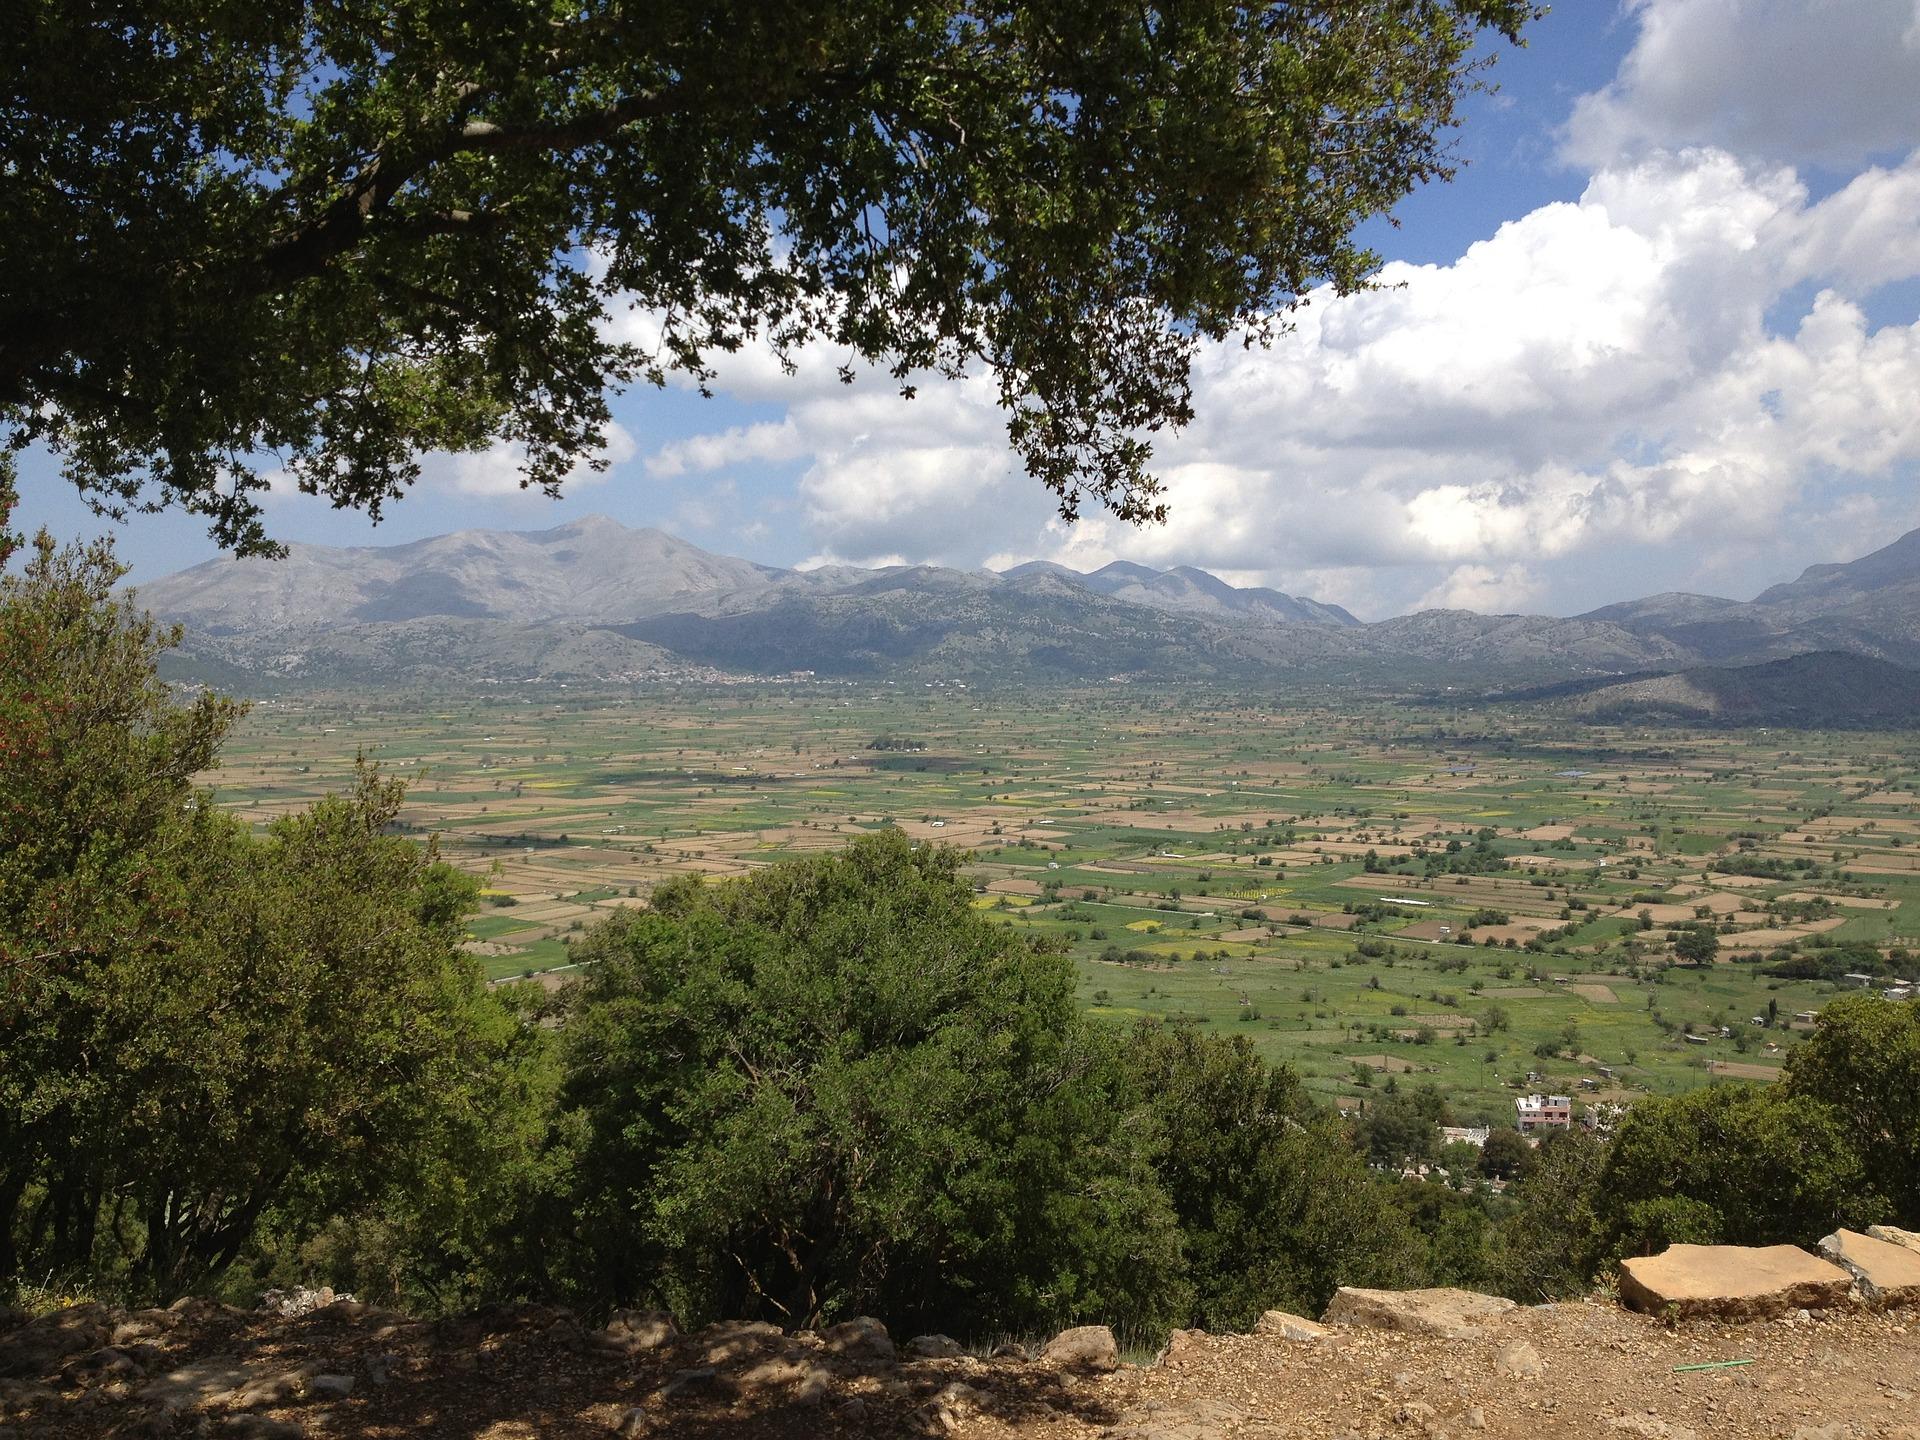 Letzte Ausläufer der Messara-Ebene im Zentrum Kretas